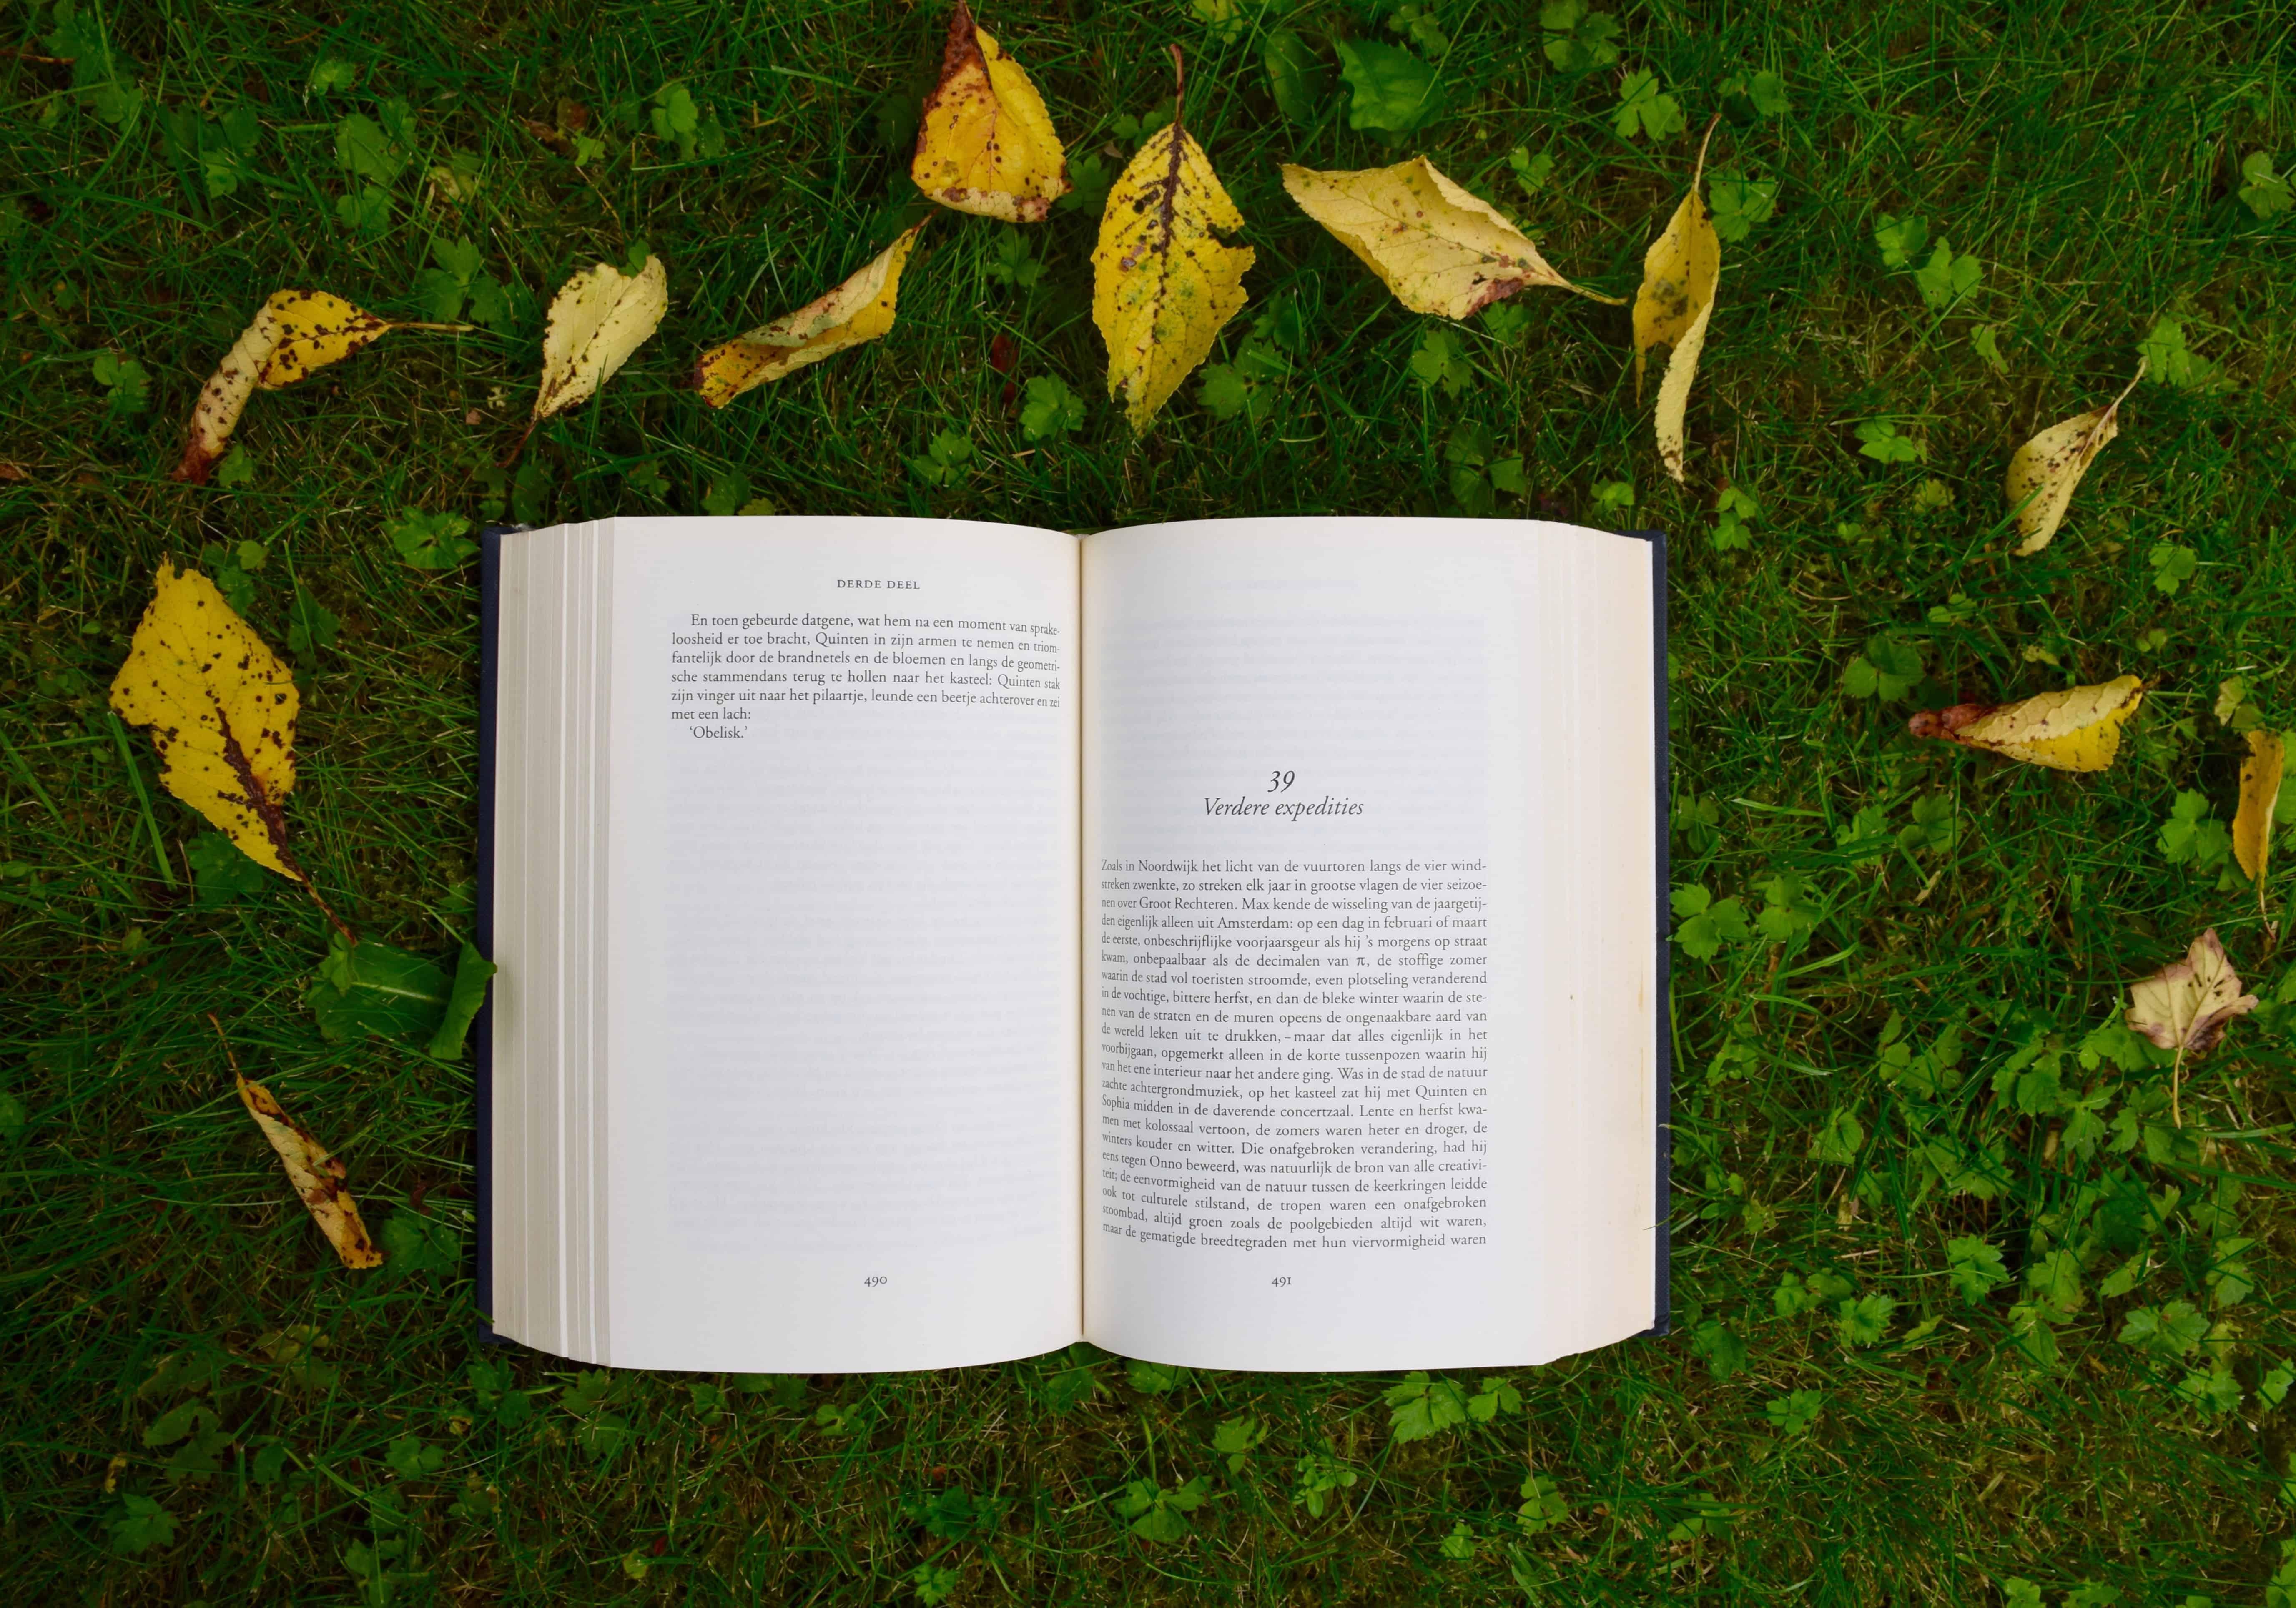 القراءة في وقت يناسبك-orchidfulifestyle